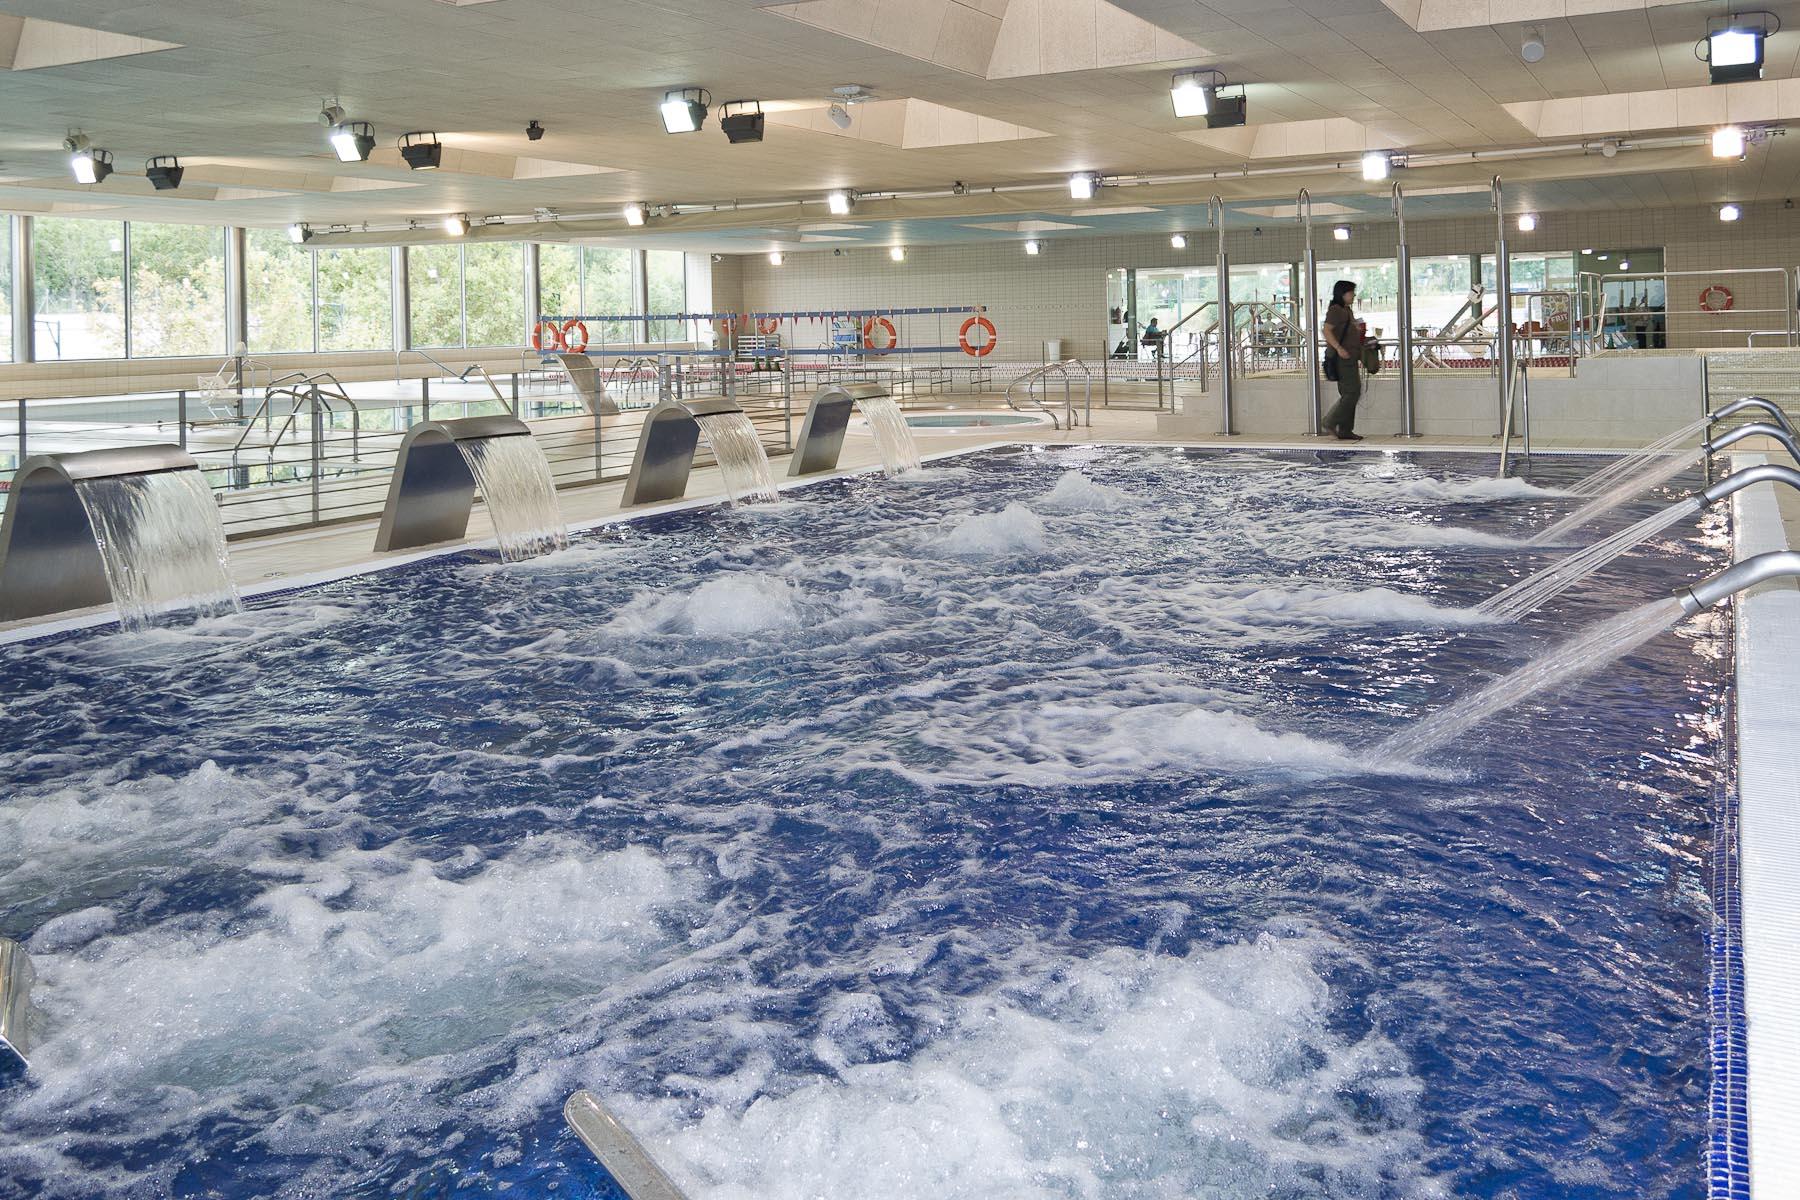 Abierto el balneario urbano del cdm jos garc s totalmente for Pepe garces tarifas piscina